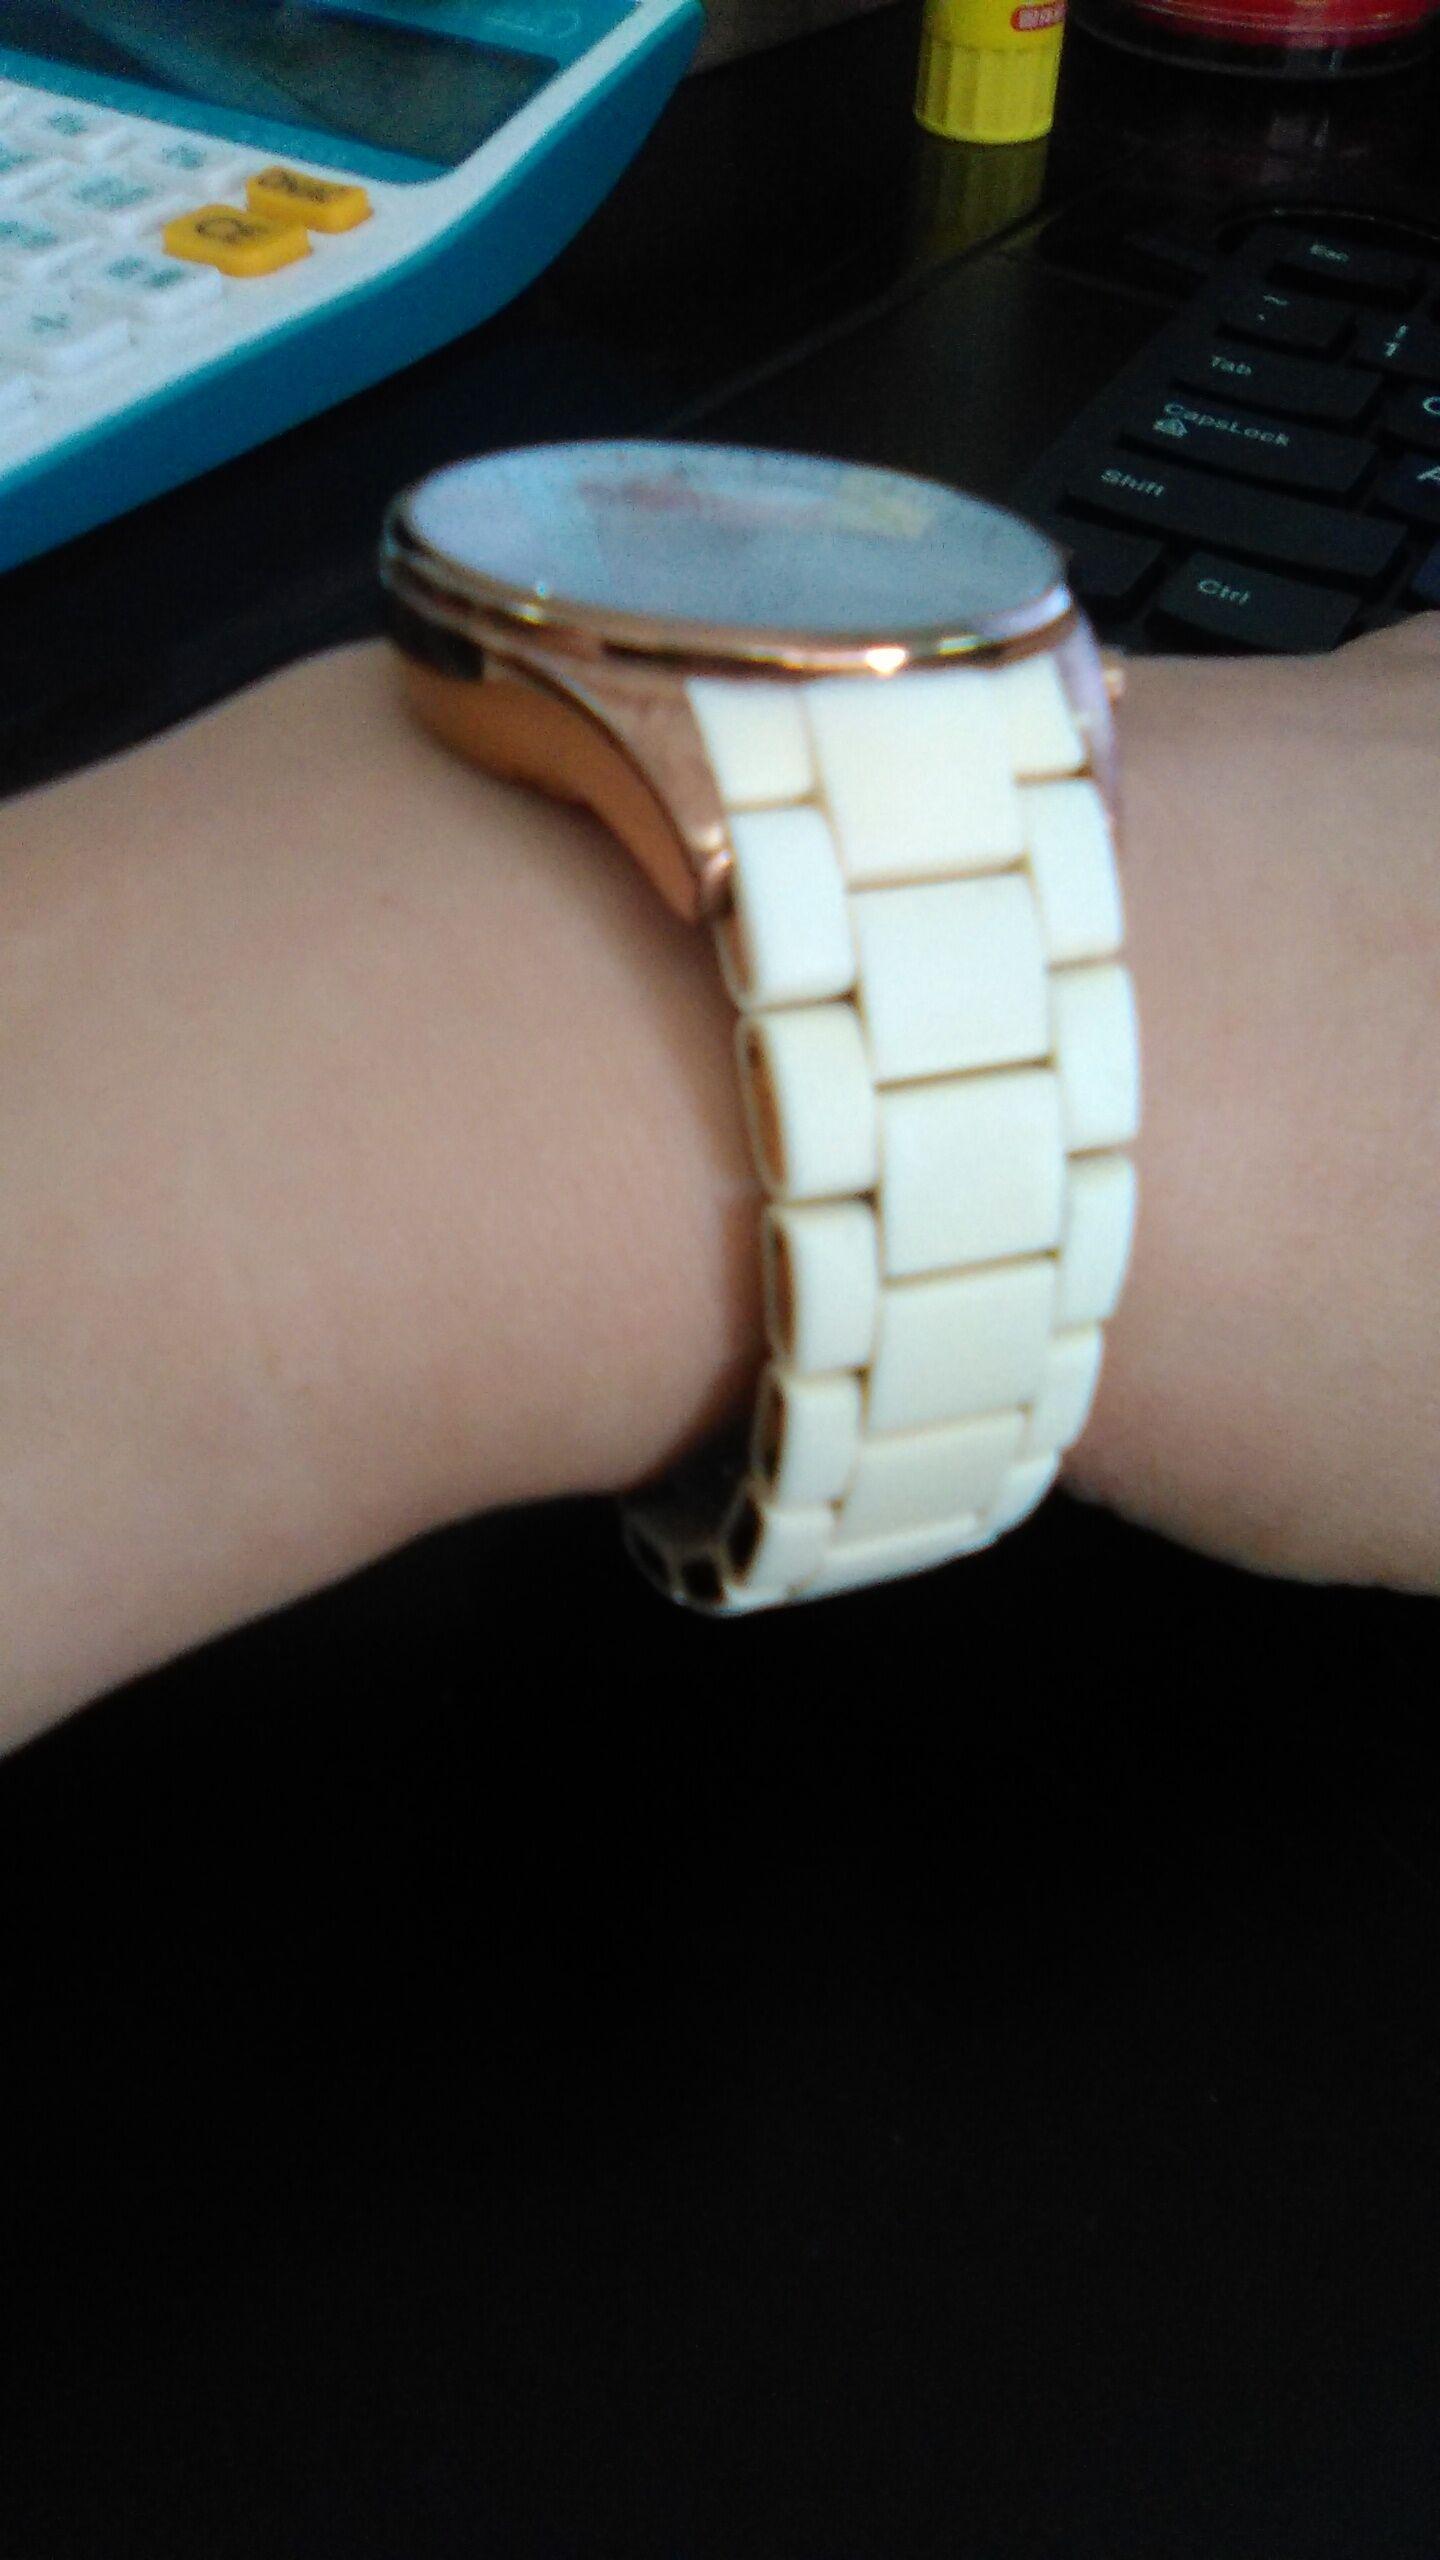 阿玛尼AR5920手表【表友晒单作业】我已经买了...